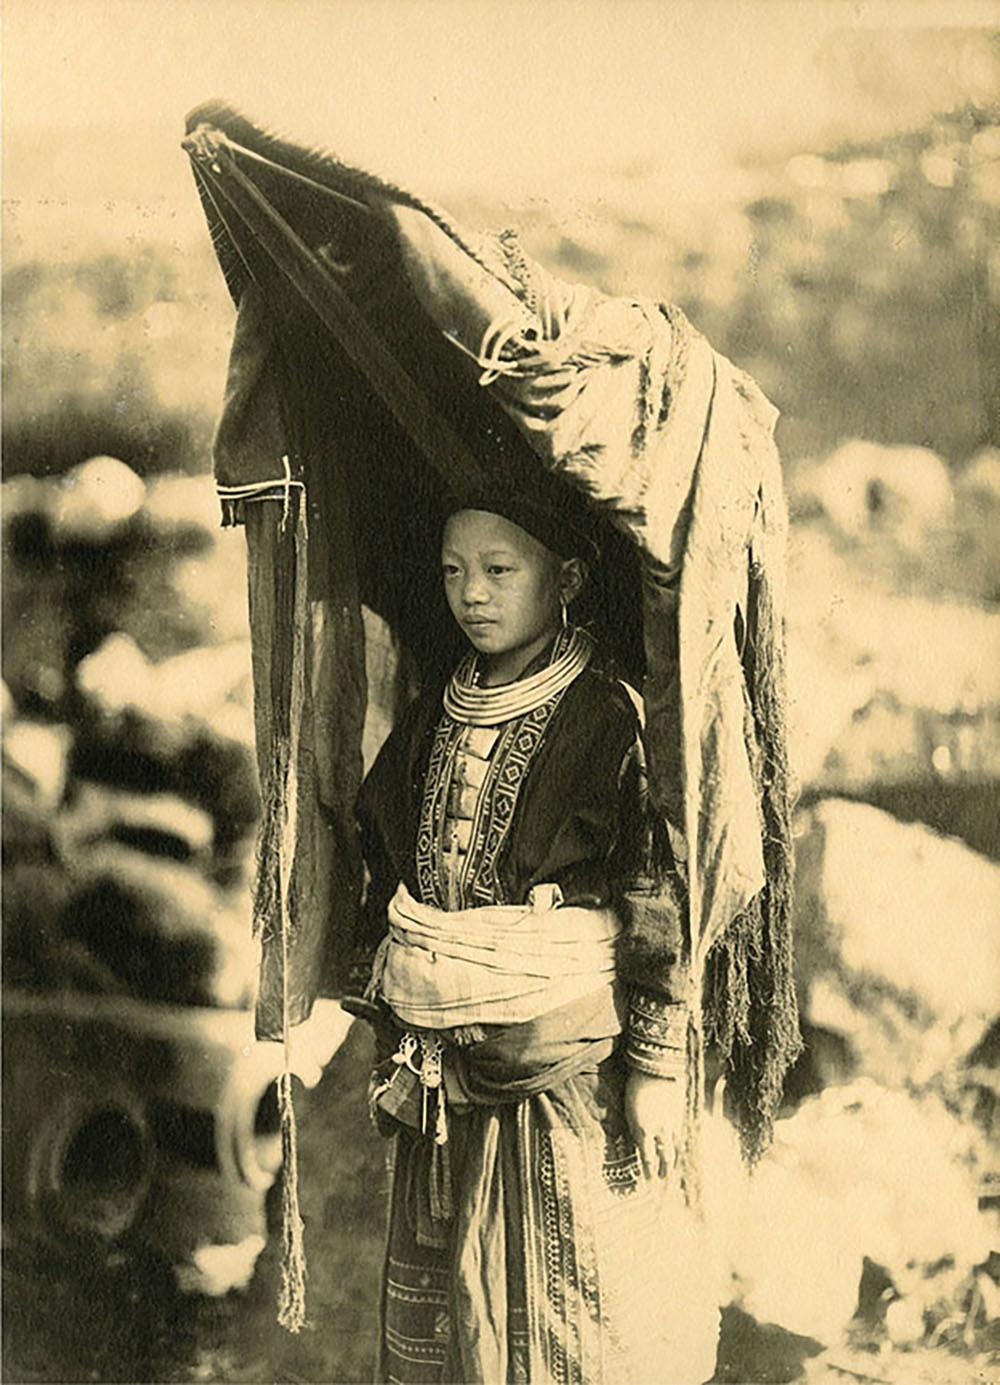 Một phụ nữ có chồng người Mán, Lào Cai, khoảng năm 1925, ảnh in trên giấy tráng bạc, người chụp khuyết danh.